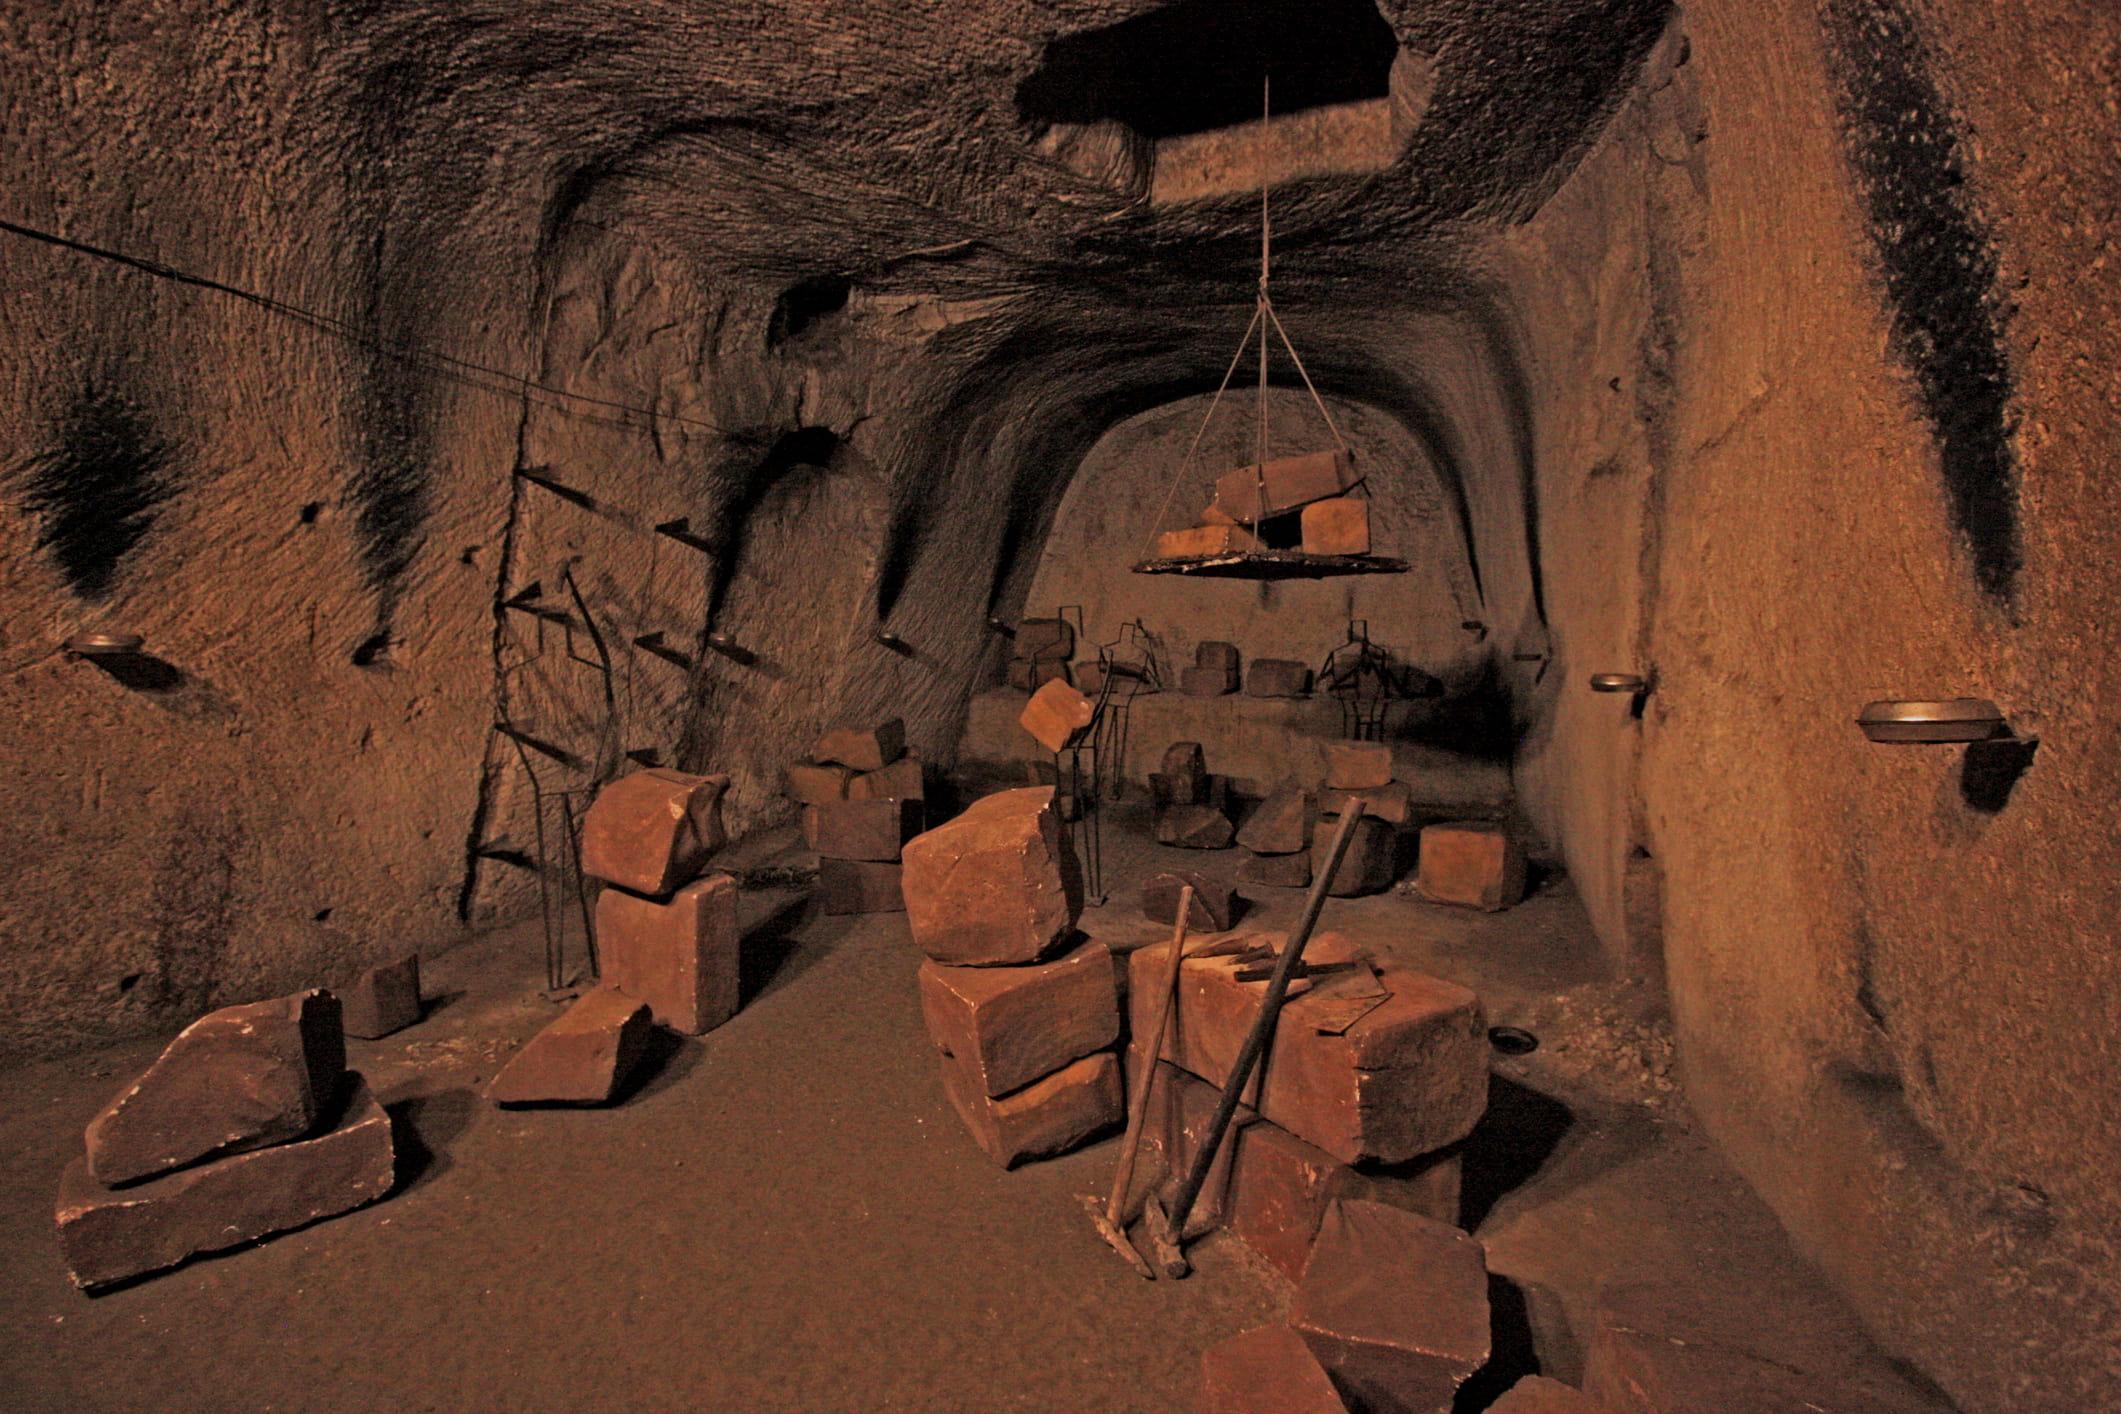 Nápoles subterránea: descubrimos el subsuelo napolitano